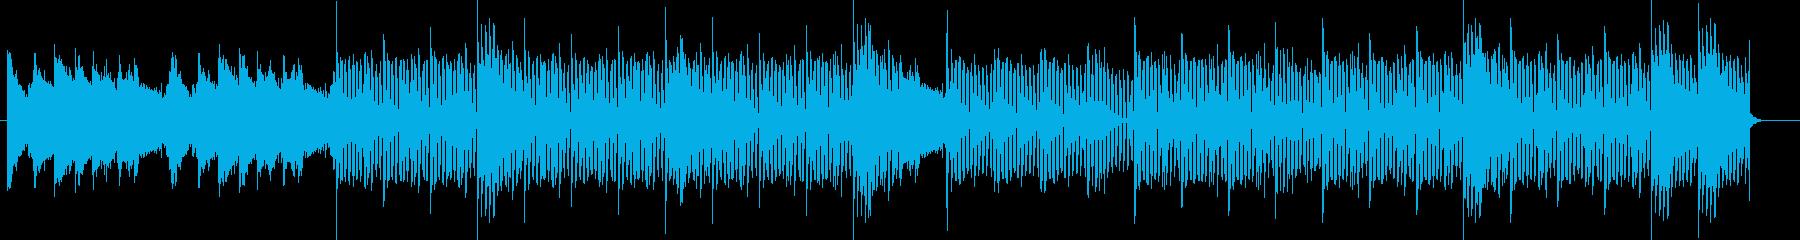 レコード感のあるメロウなR&Bの再生済みの波形